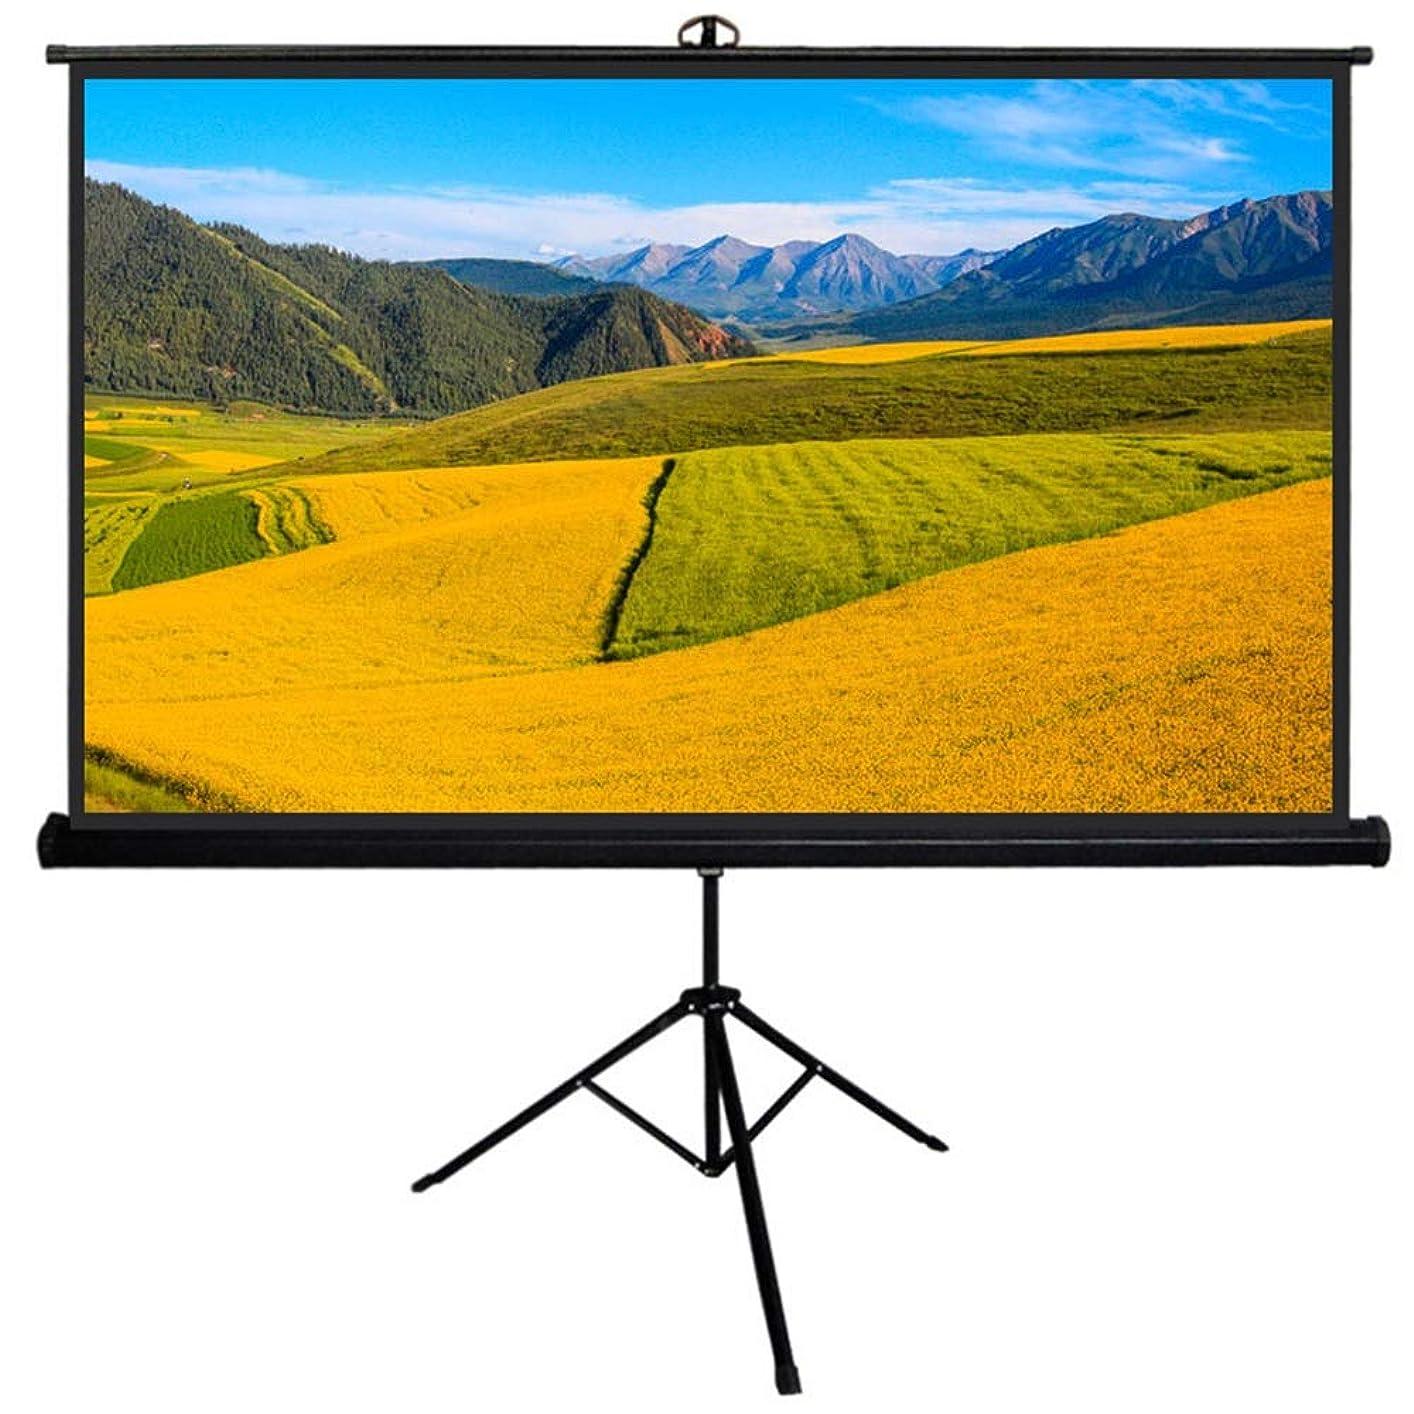 抽象ごみ甘味投影スクリーン 4:3 HDアンチ折り目アウトドア/スタンド付きホームシアターシネマポータブルモバイルプロジェクタースクリーンのために屋内作品画面 家族旅行キャンプに適しています (Color : Black, Size : 60inch)